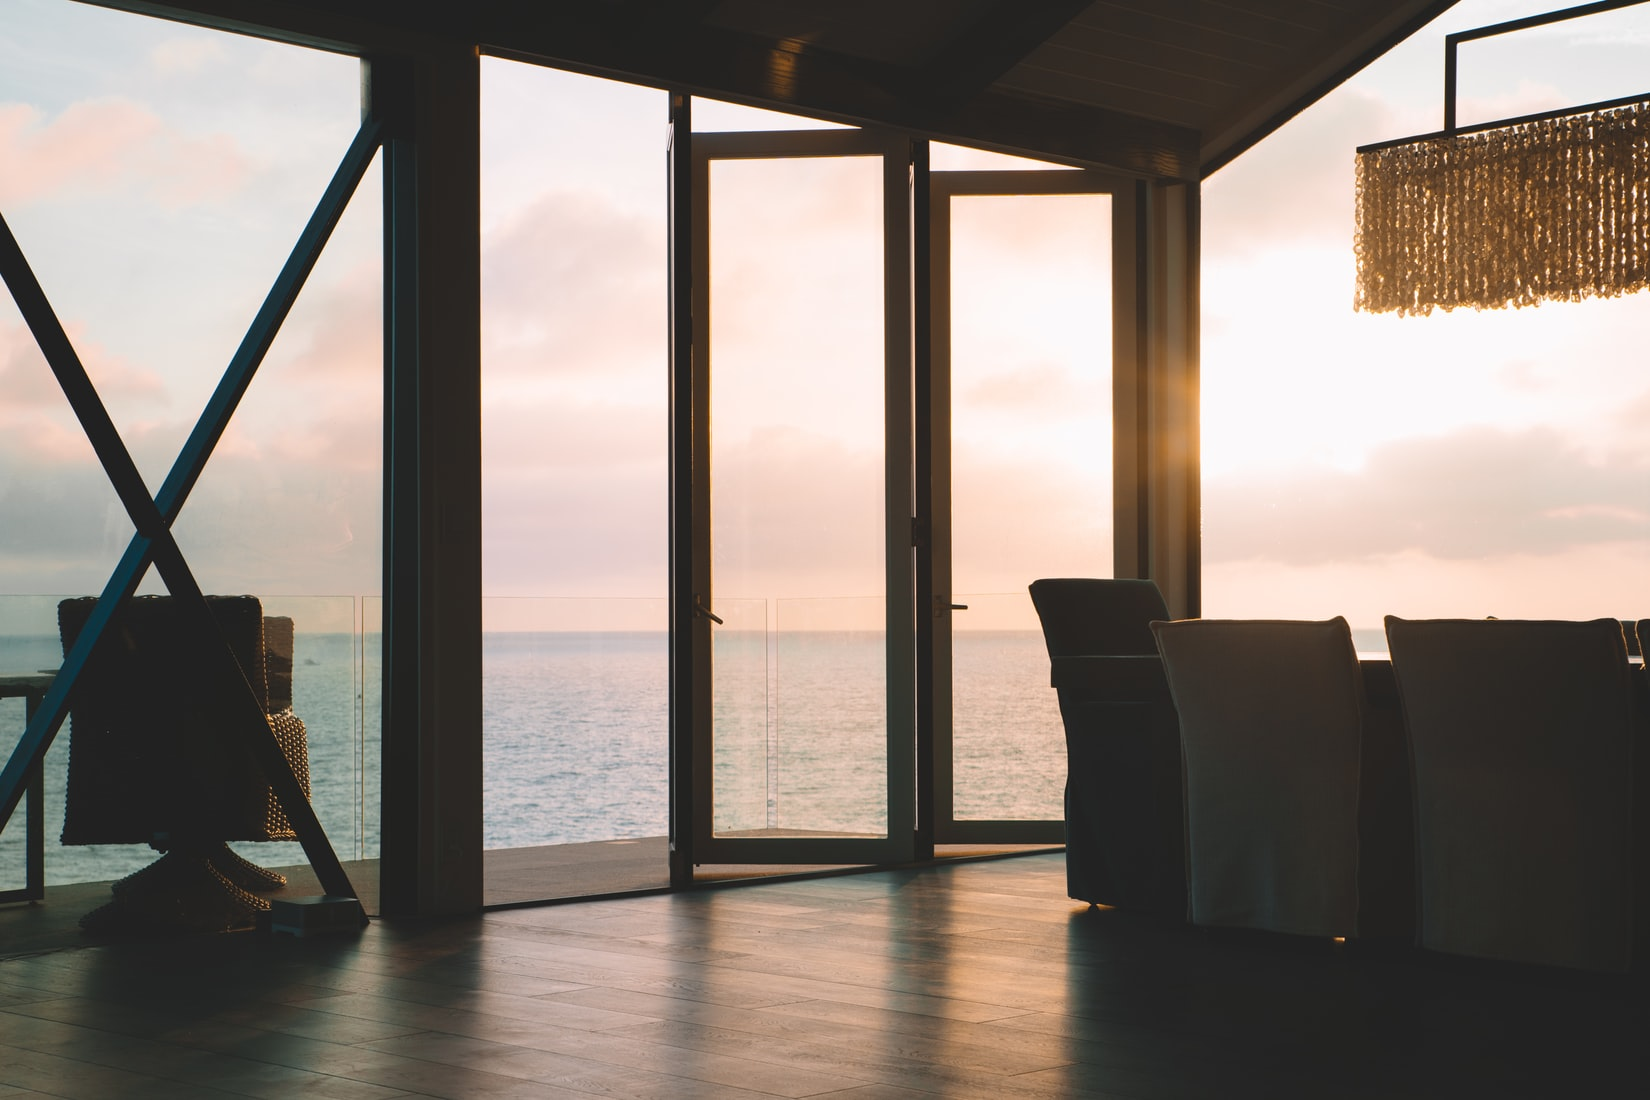 Lägenhet Utomlands omslagsbild